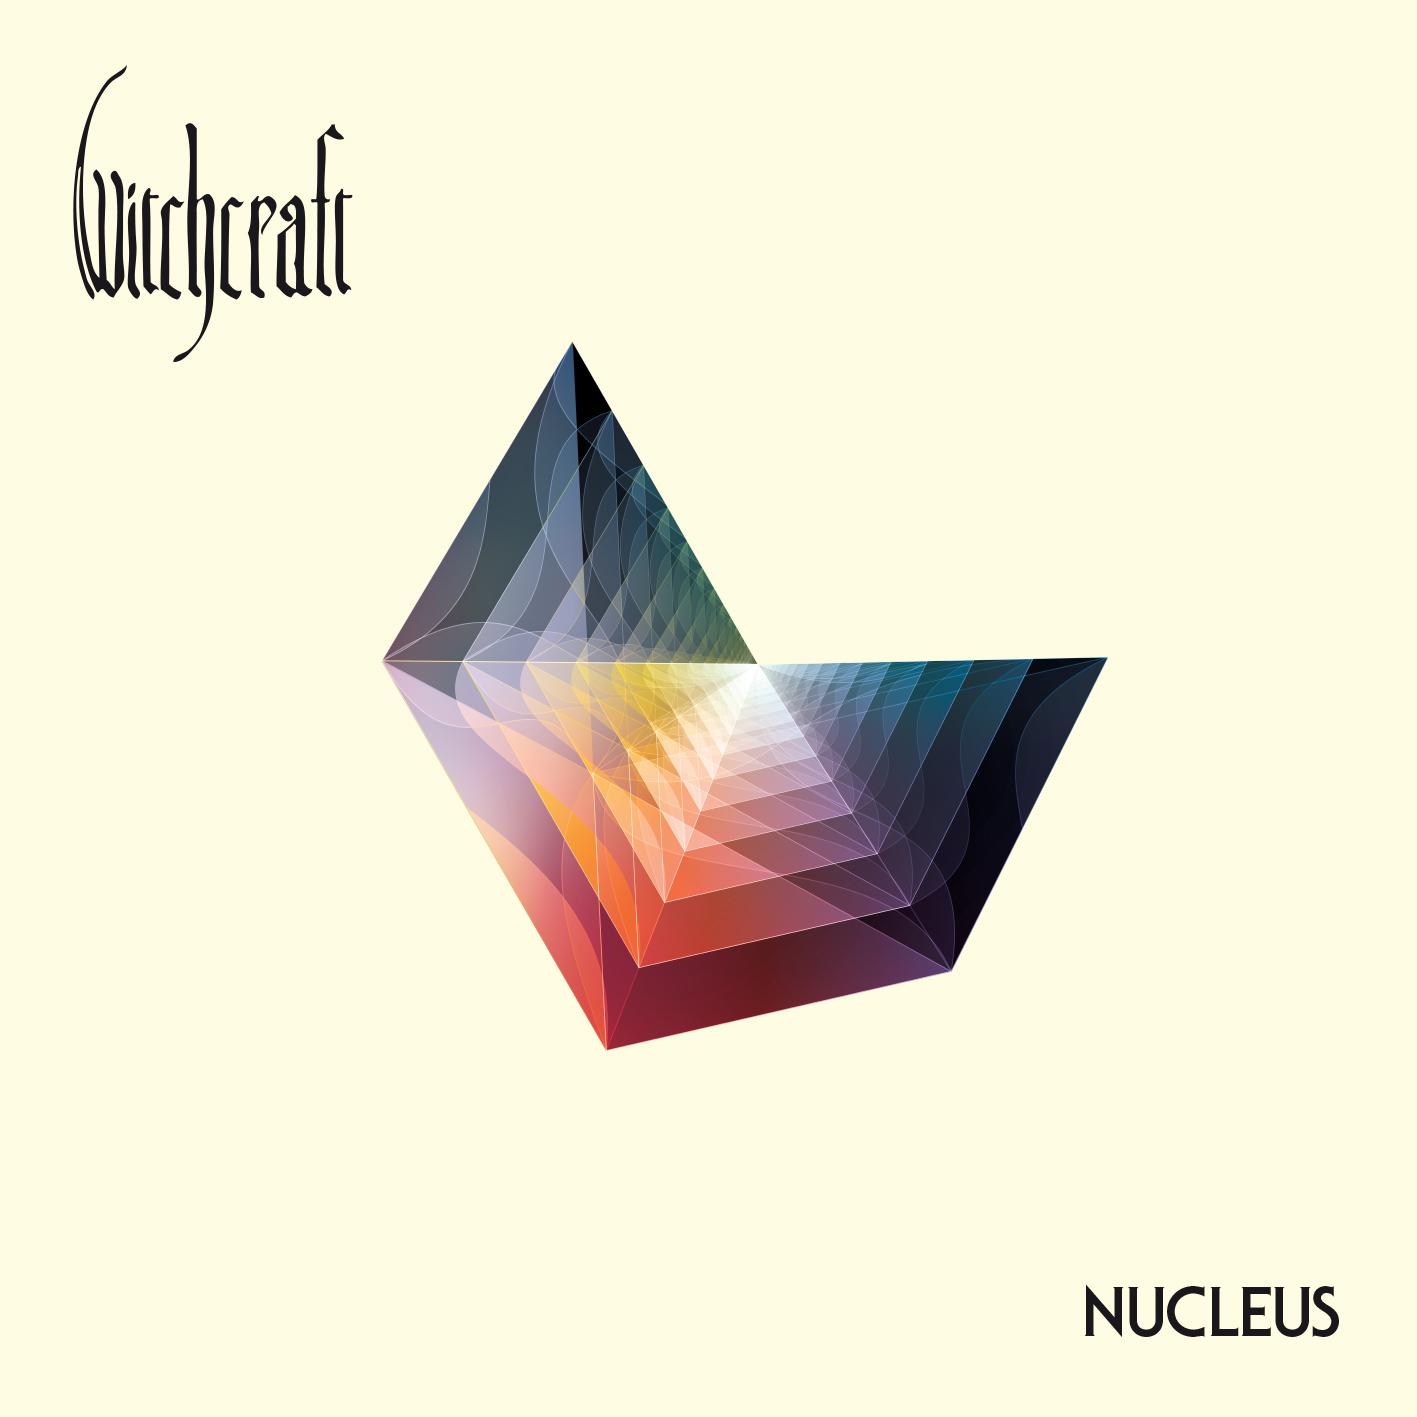 witchcraft-nucleus.jpg